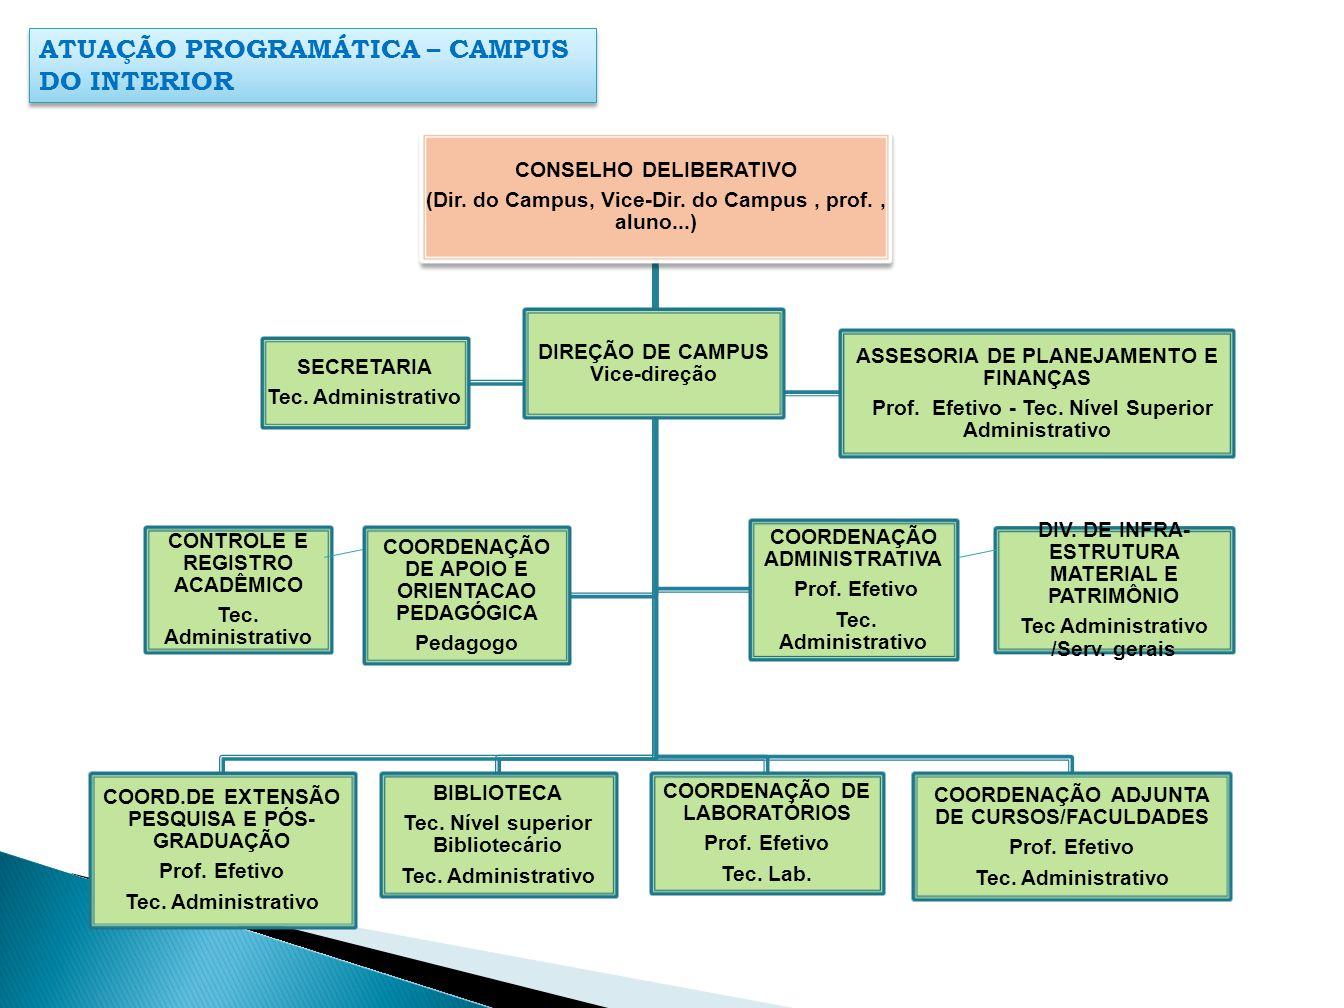 CONSELHO DELIBERATIVO (Dir. do Campus, Vice-Dir. do Campus, prof., aluno...) COORD.DE EXTENSÃO PESQUISA E PÓS- GRADUAÇÃO Prof. Efetivo Tec. Administra